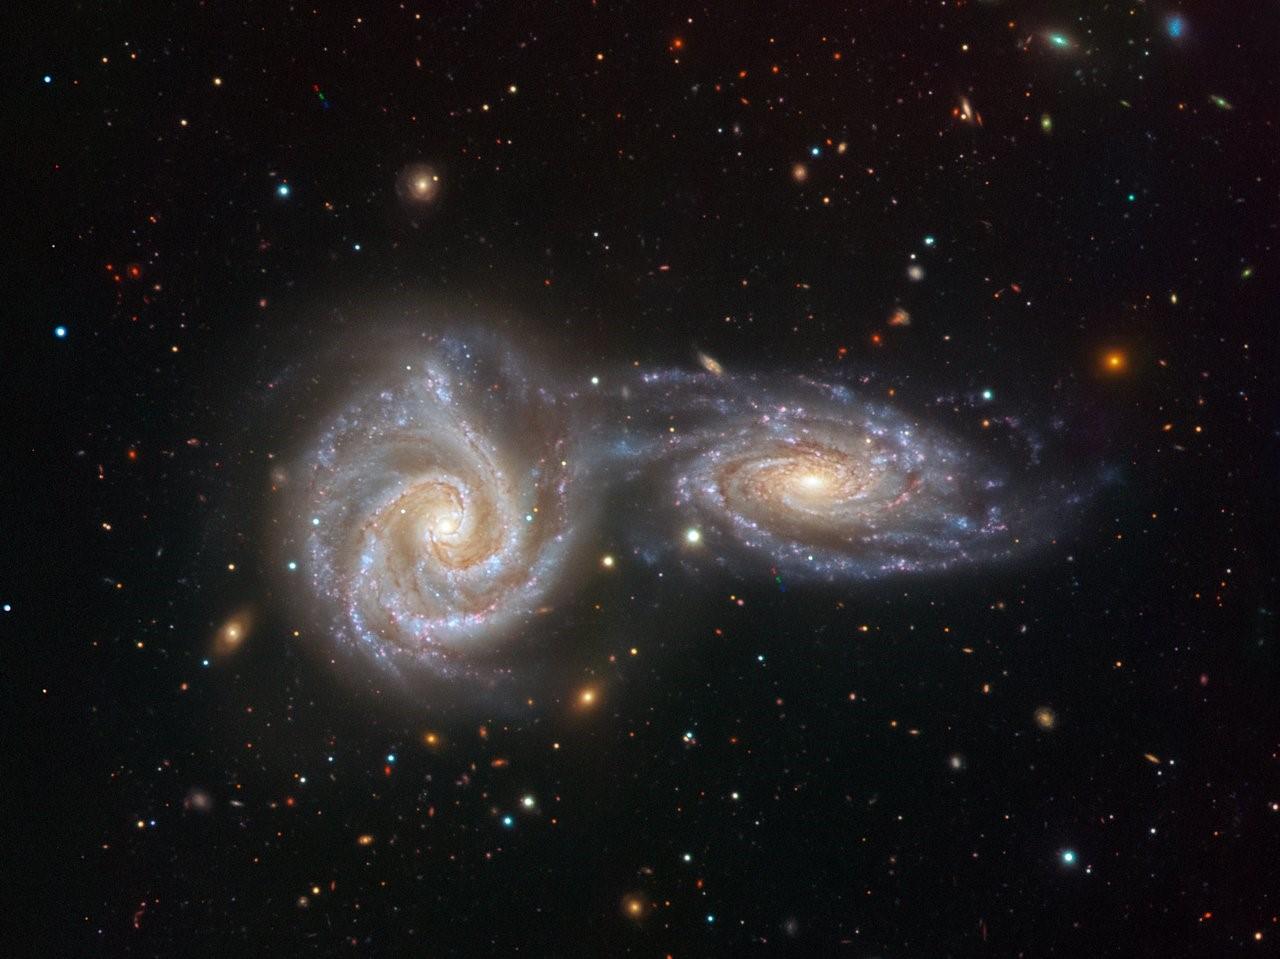 Quegli scontri e fusioni all'alba dell'universo che hanno aiutato le galassie a crescere